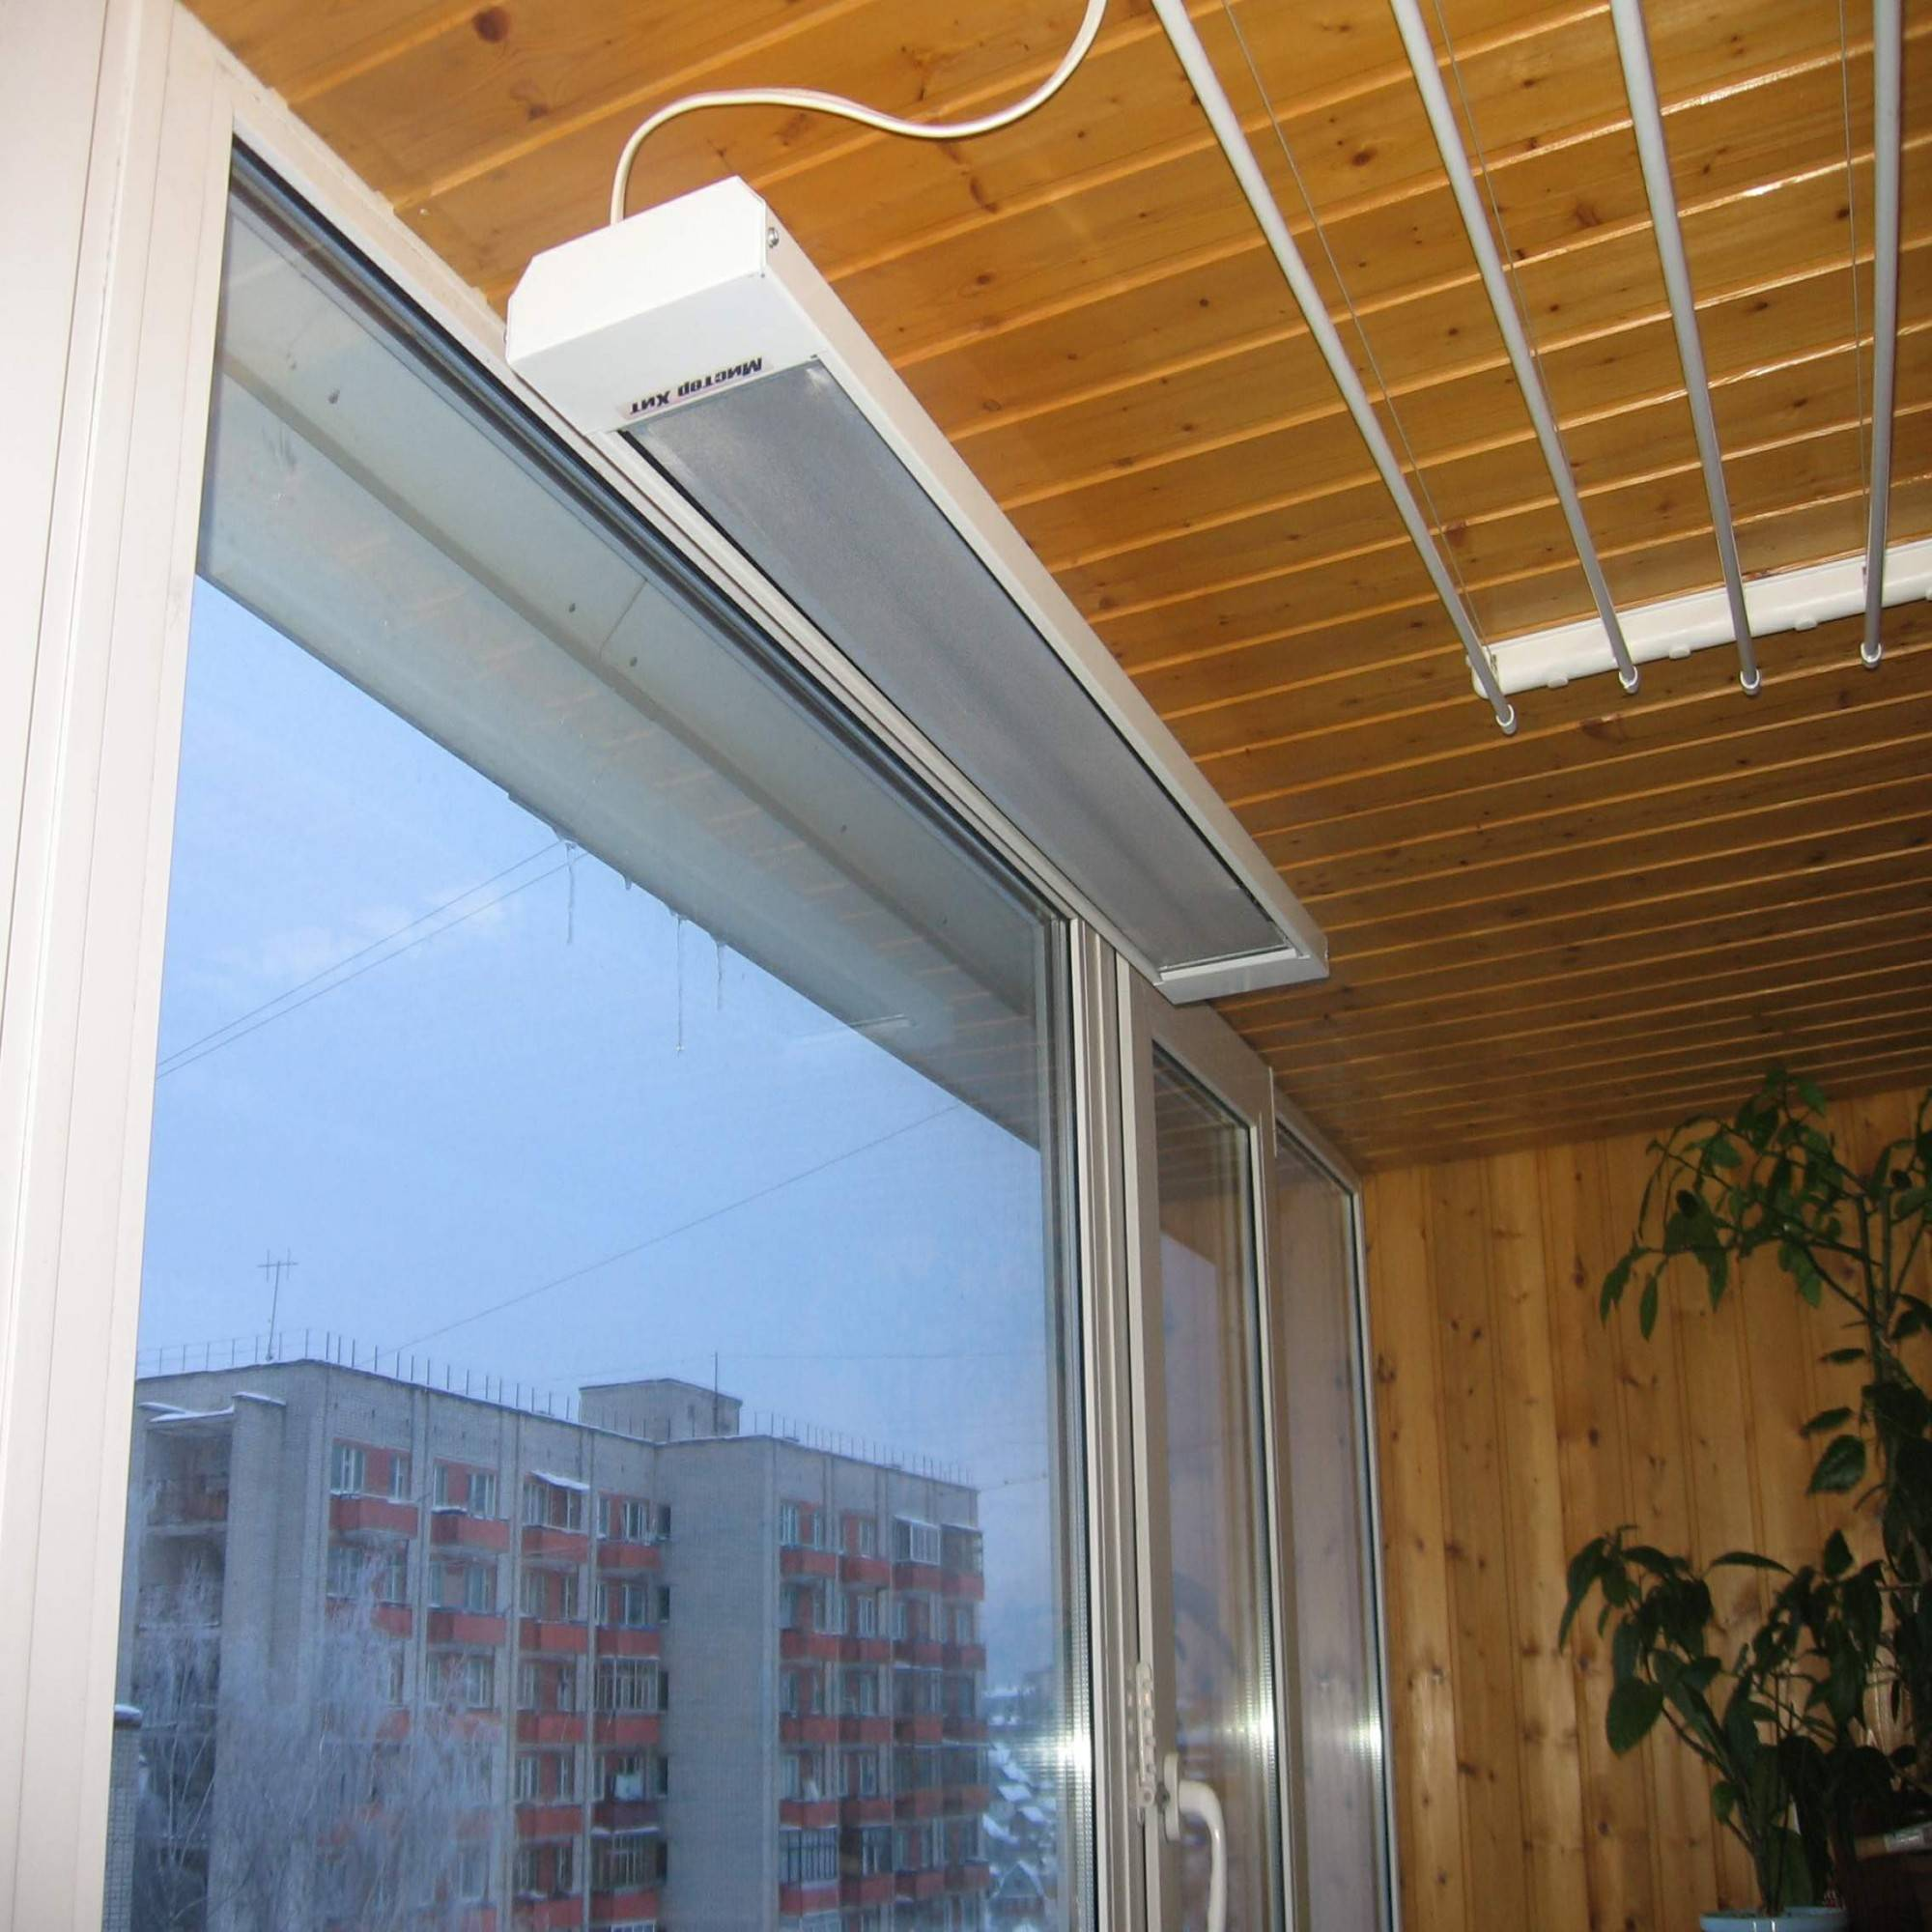 Обогреватель для балкона: можно ли ставить, какой лучше и экономичнее, сравнение расходов